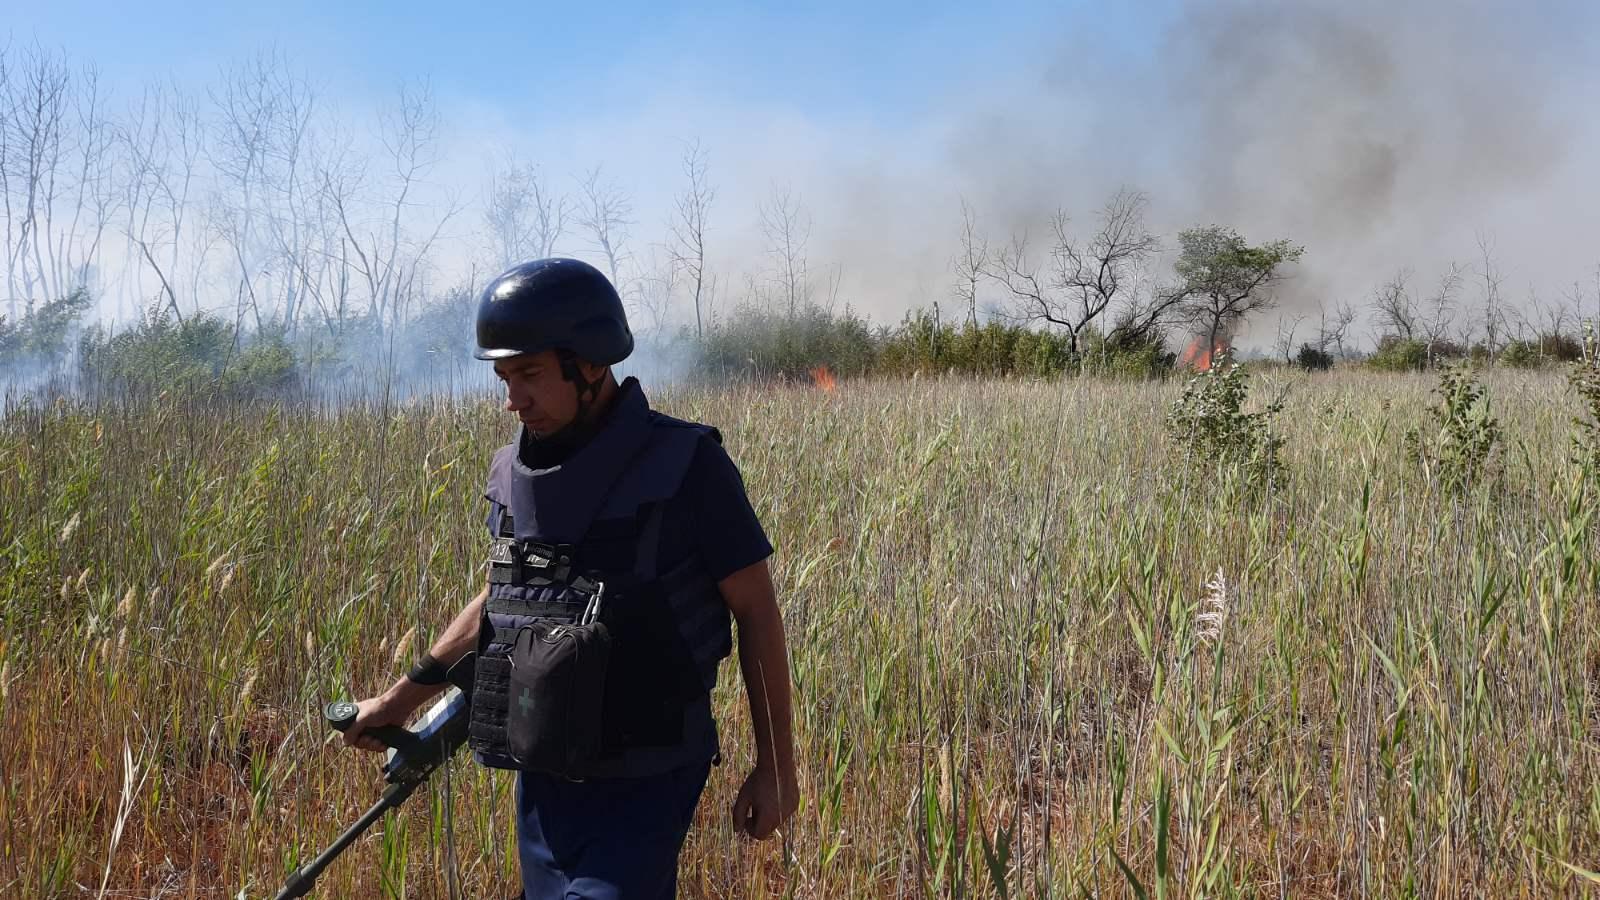 виде фото сгоревшей украинской военной техники это процедура, которую